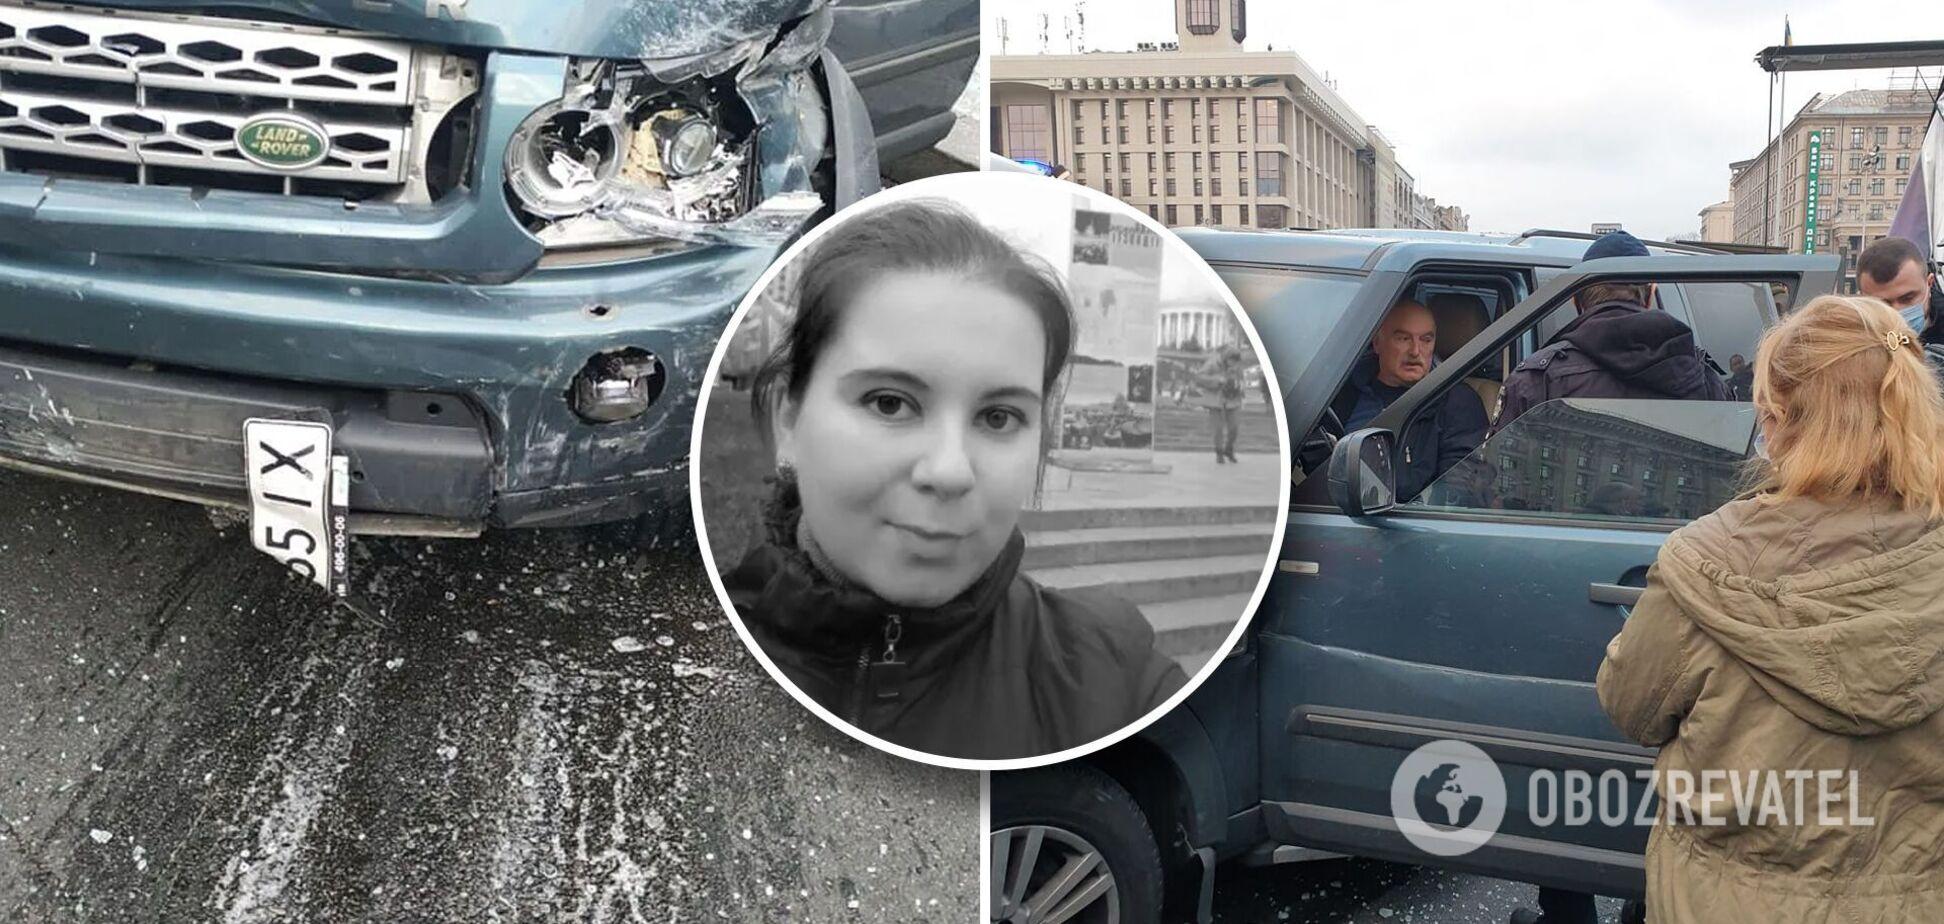 Не хватило пары секунд для спасения, ее даже никто не дернул: друзья – о погибшей в ДТП на Майдане. Эксклюзив